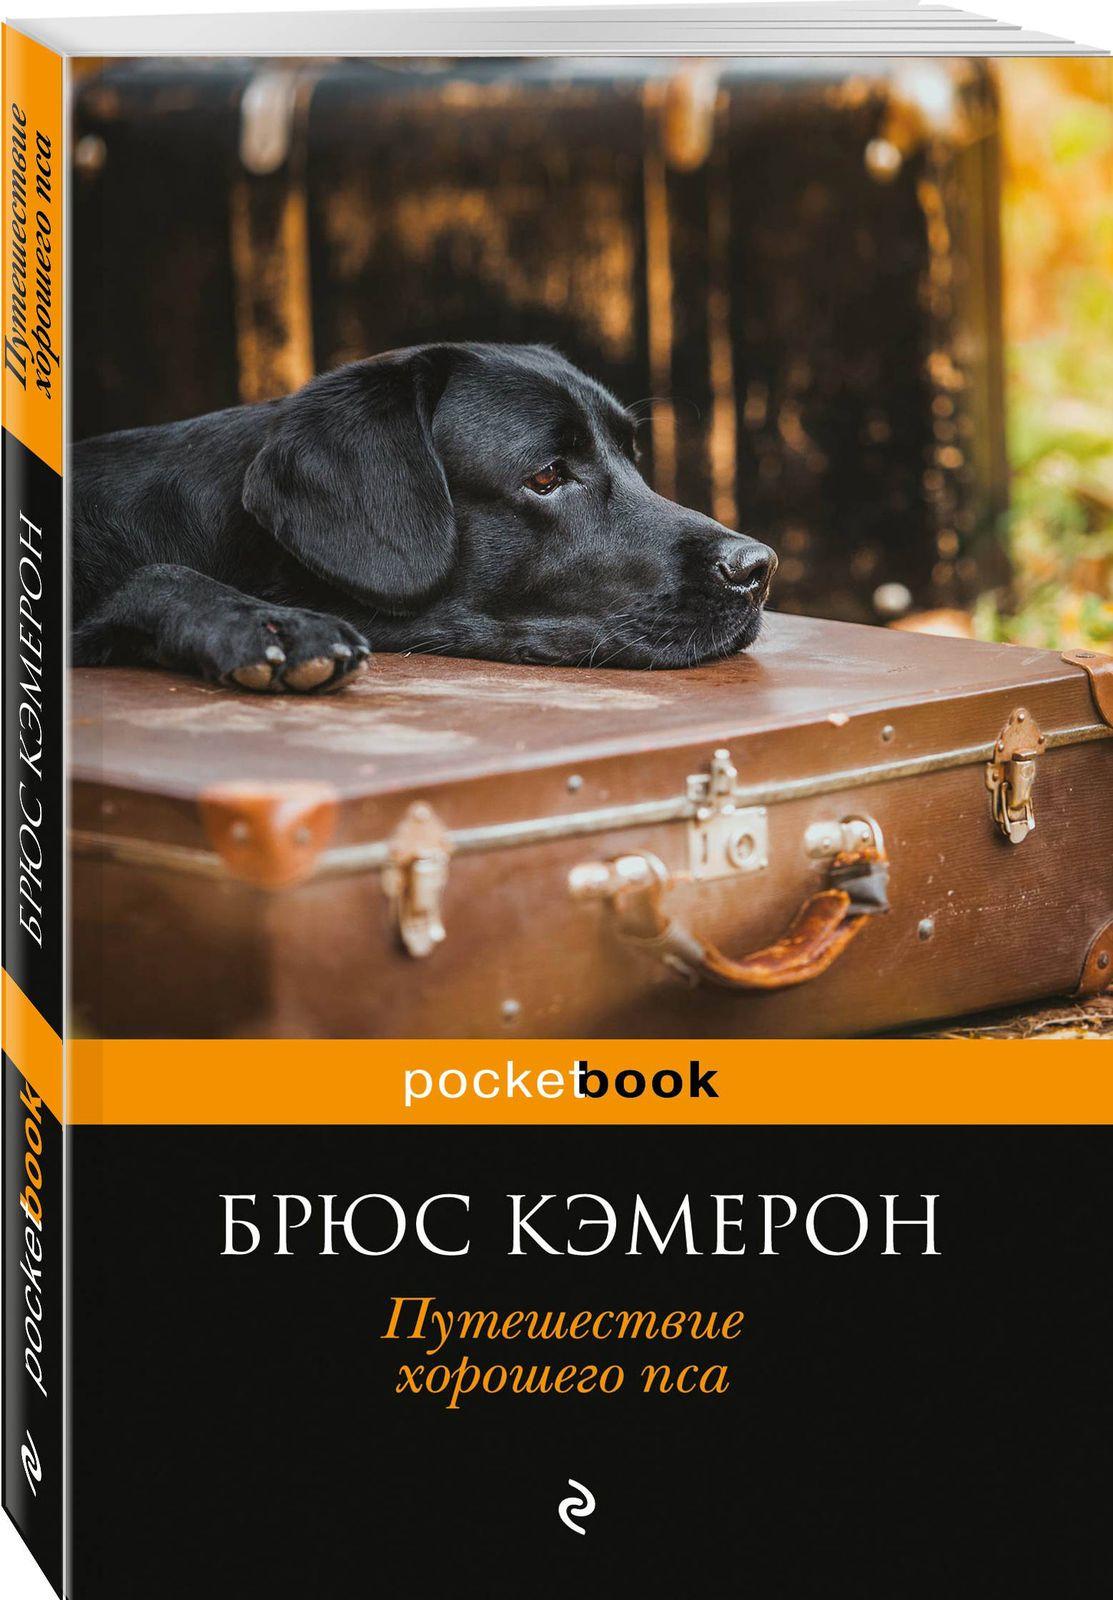 Я его пес, он мой мальчик (комплект из 2 книг)